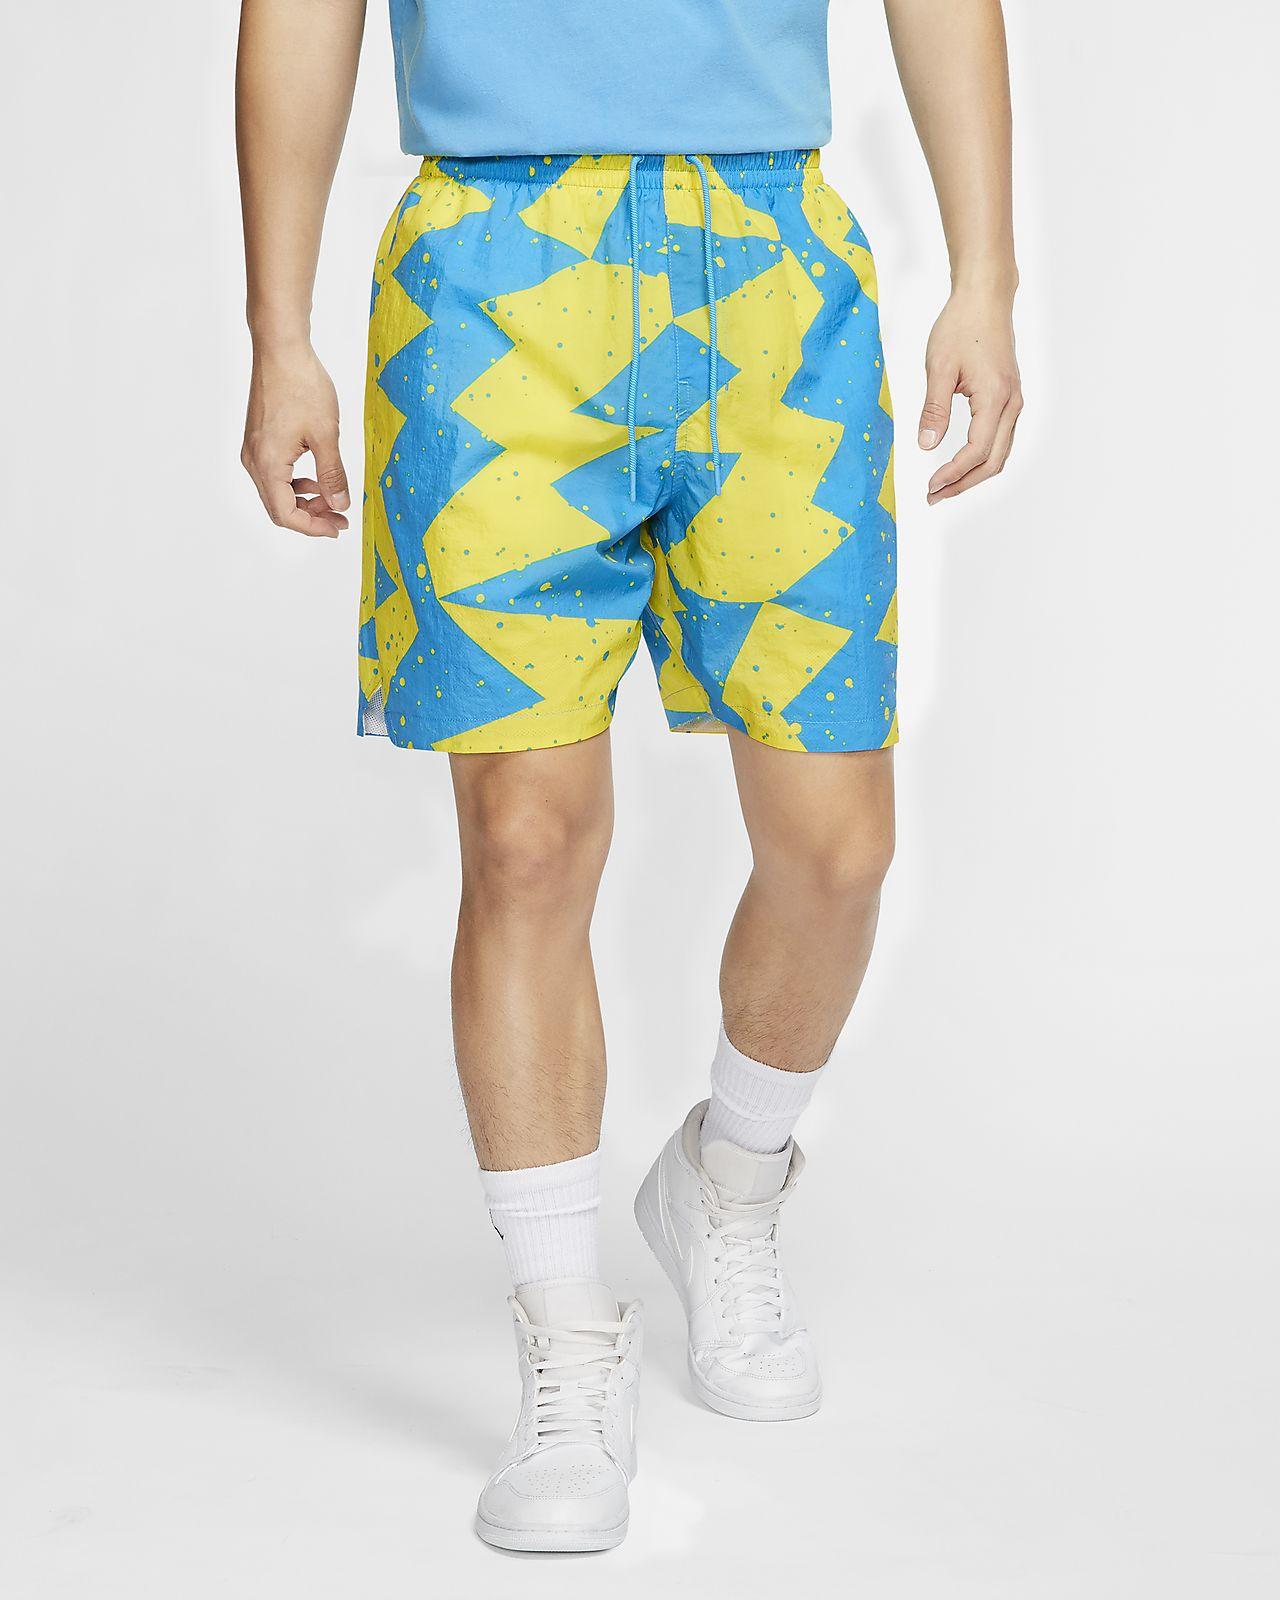 18cm (approx.) Shorts. Nike AU